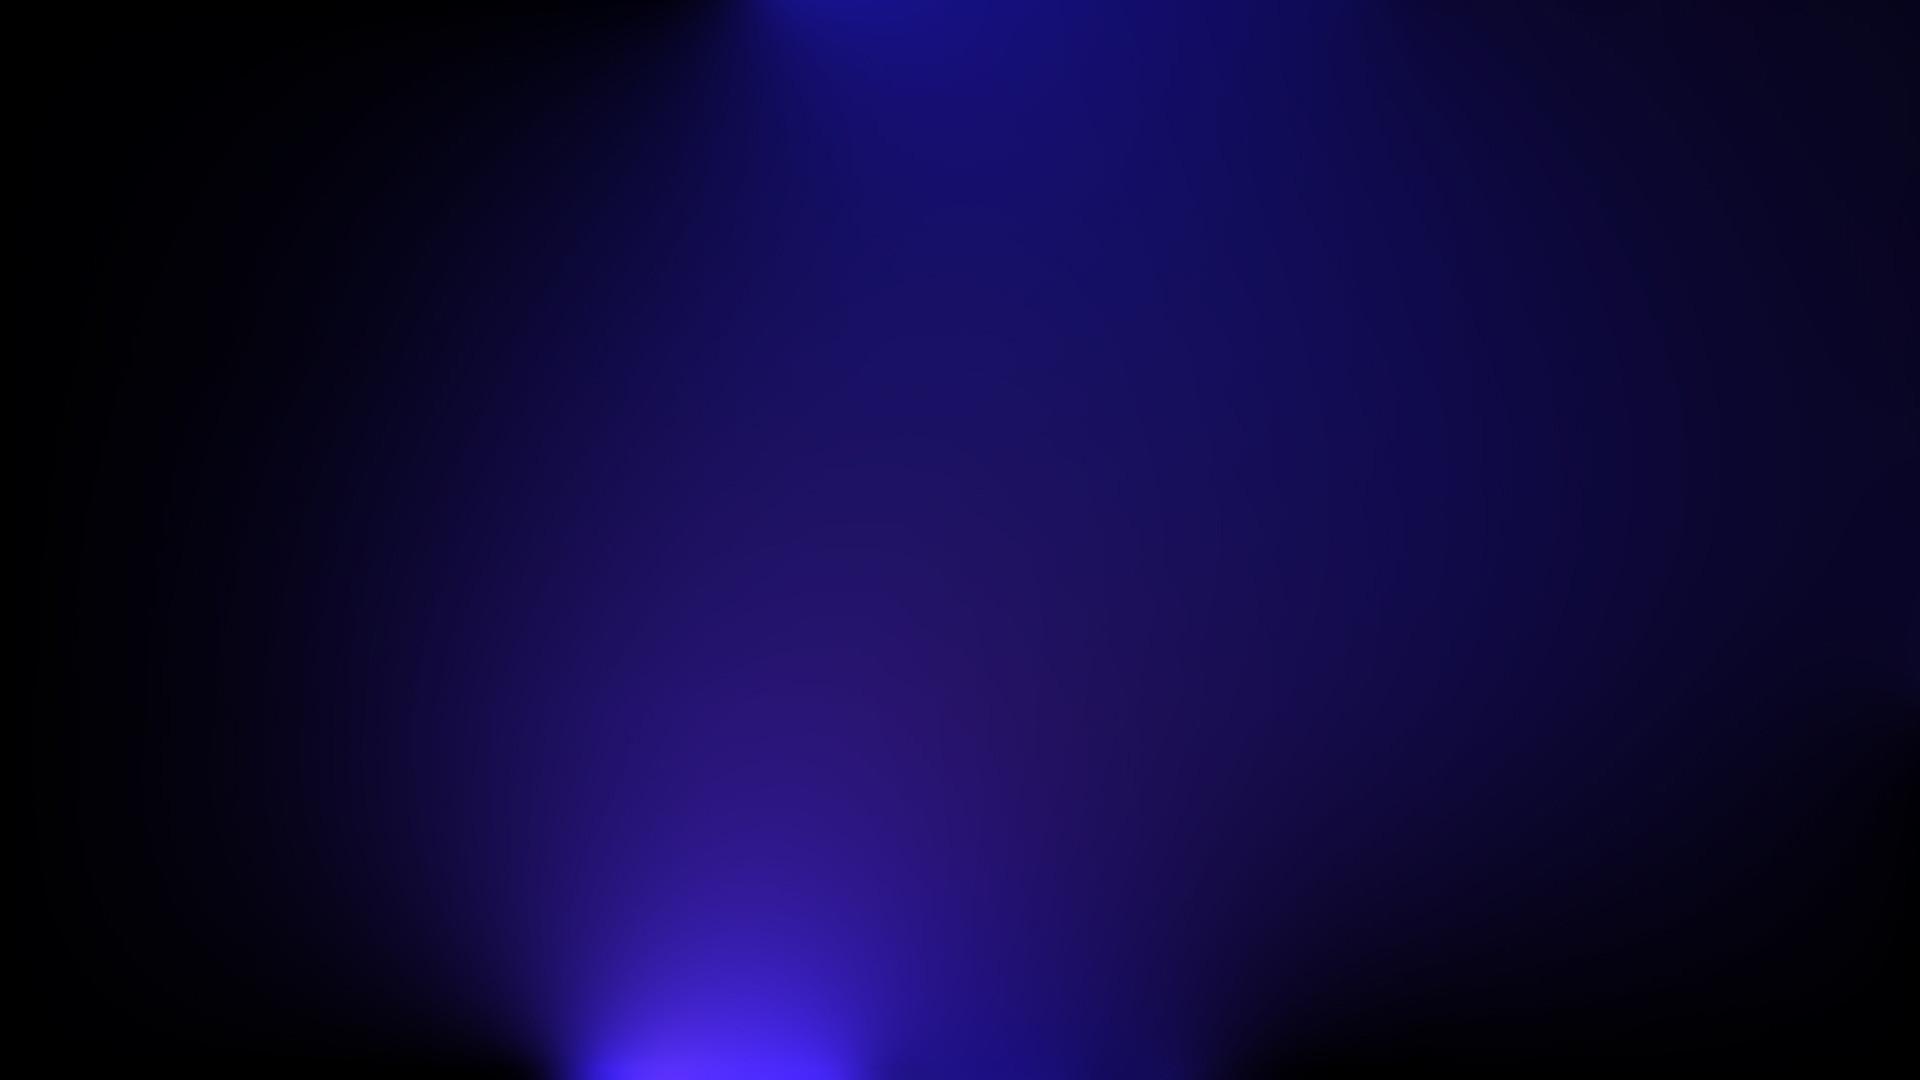 1920×1080 Blue Wallpaper